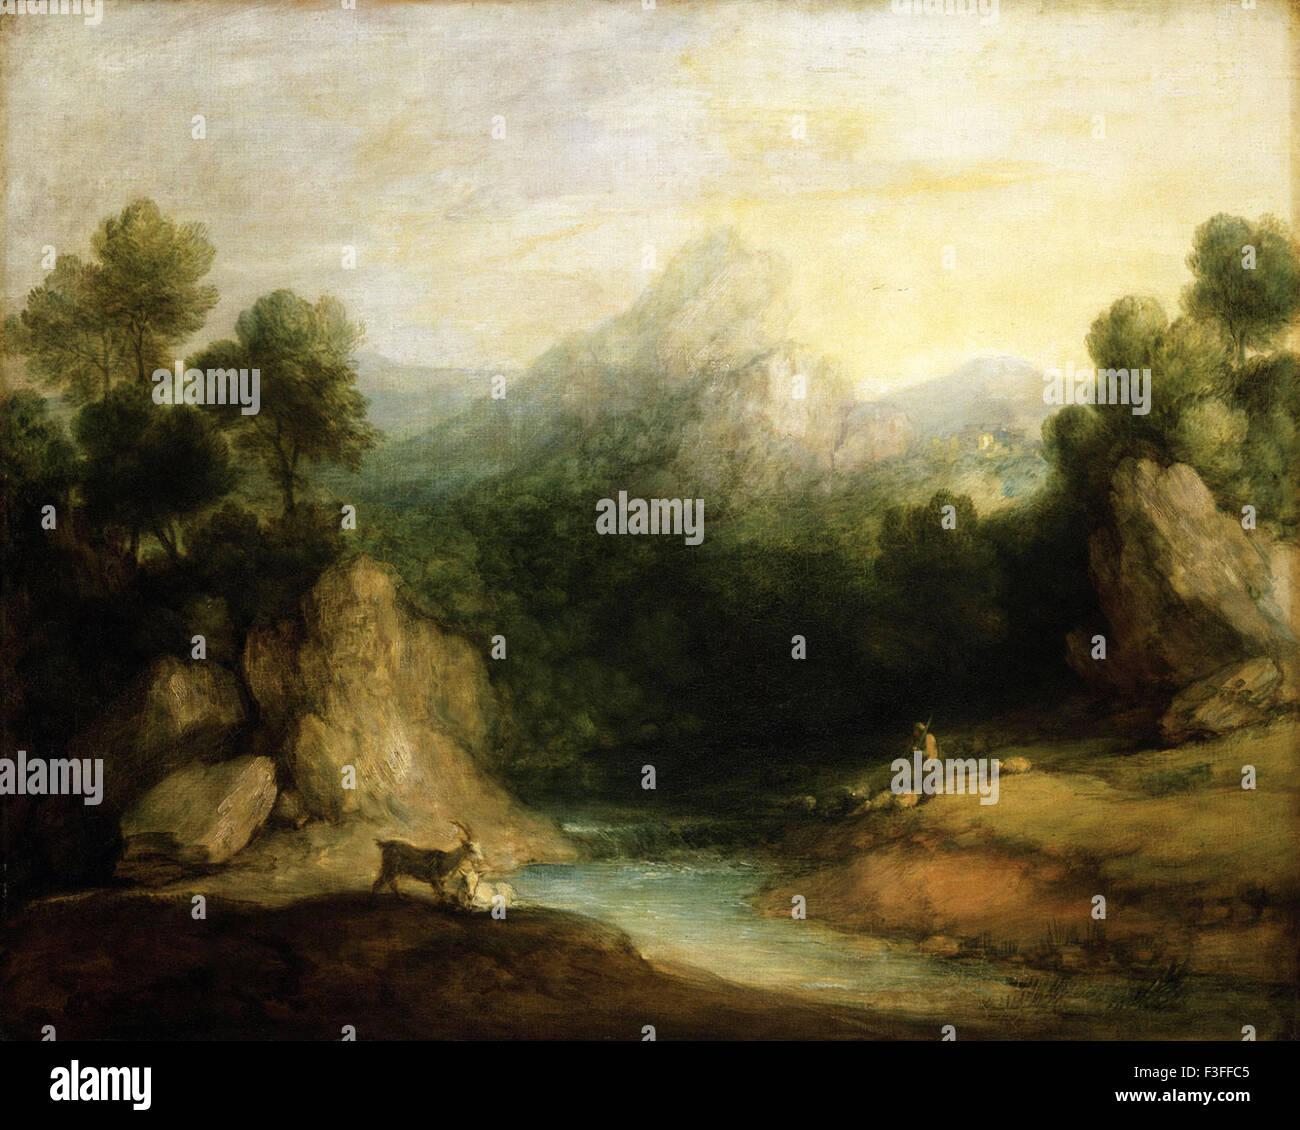 Thomas Gainsboroug - paysage pastoral (Rocky Mountain Valley avec un berger, les moutons et les chèvres) Photo Stock